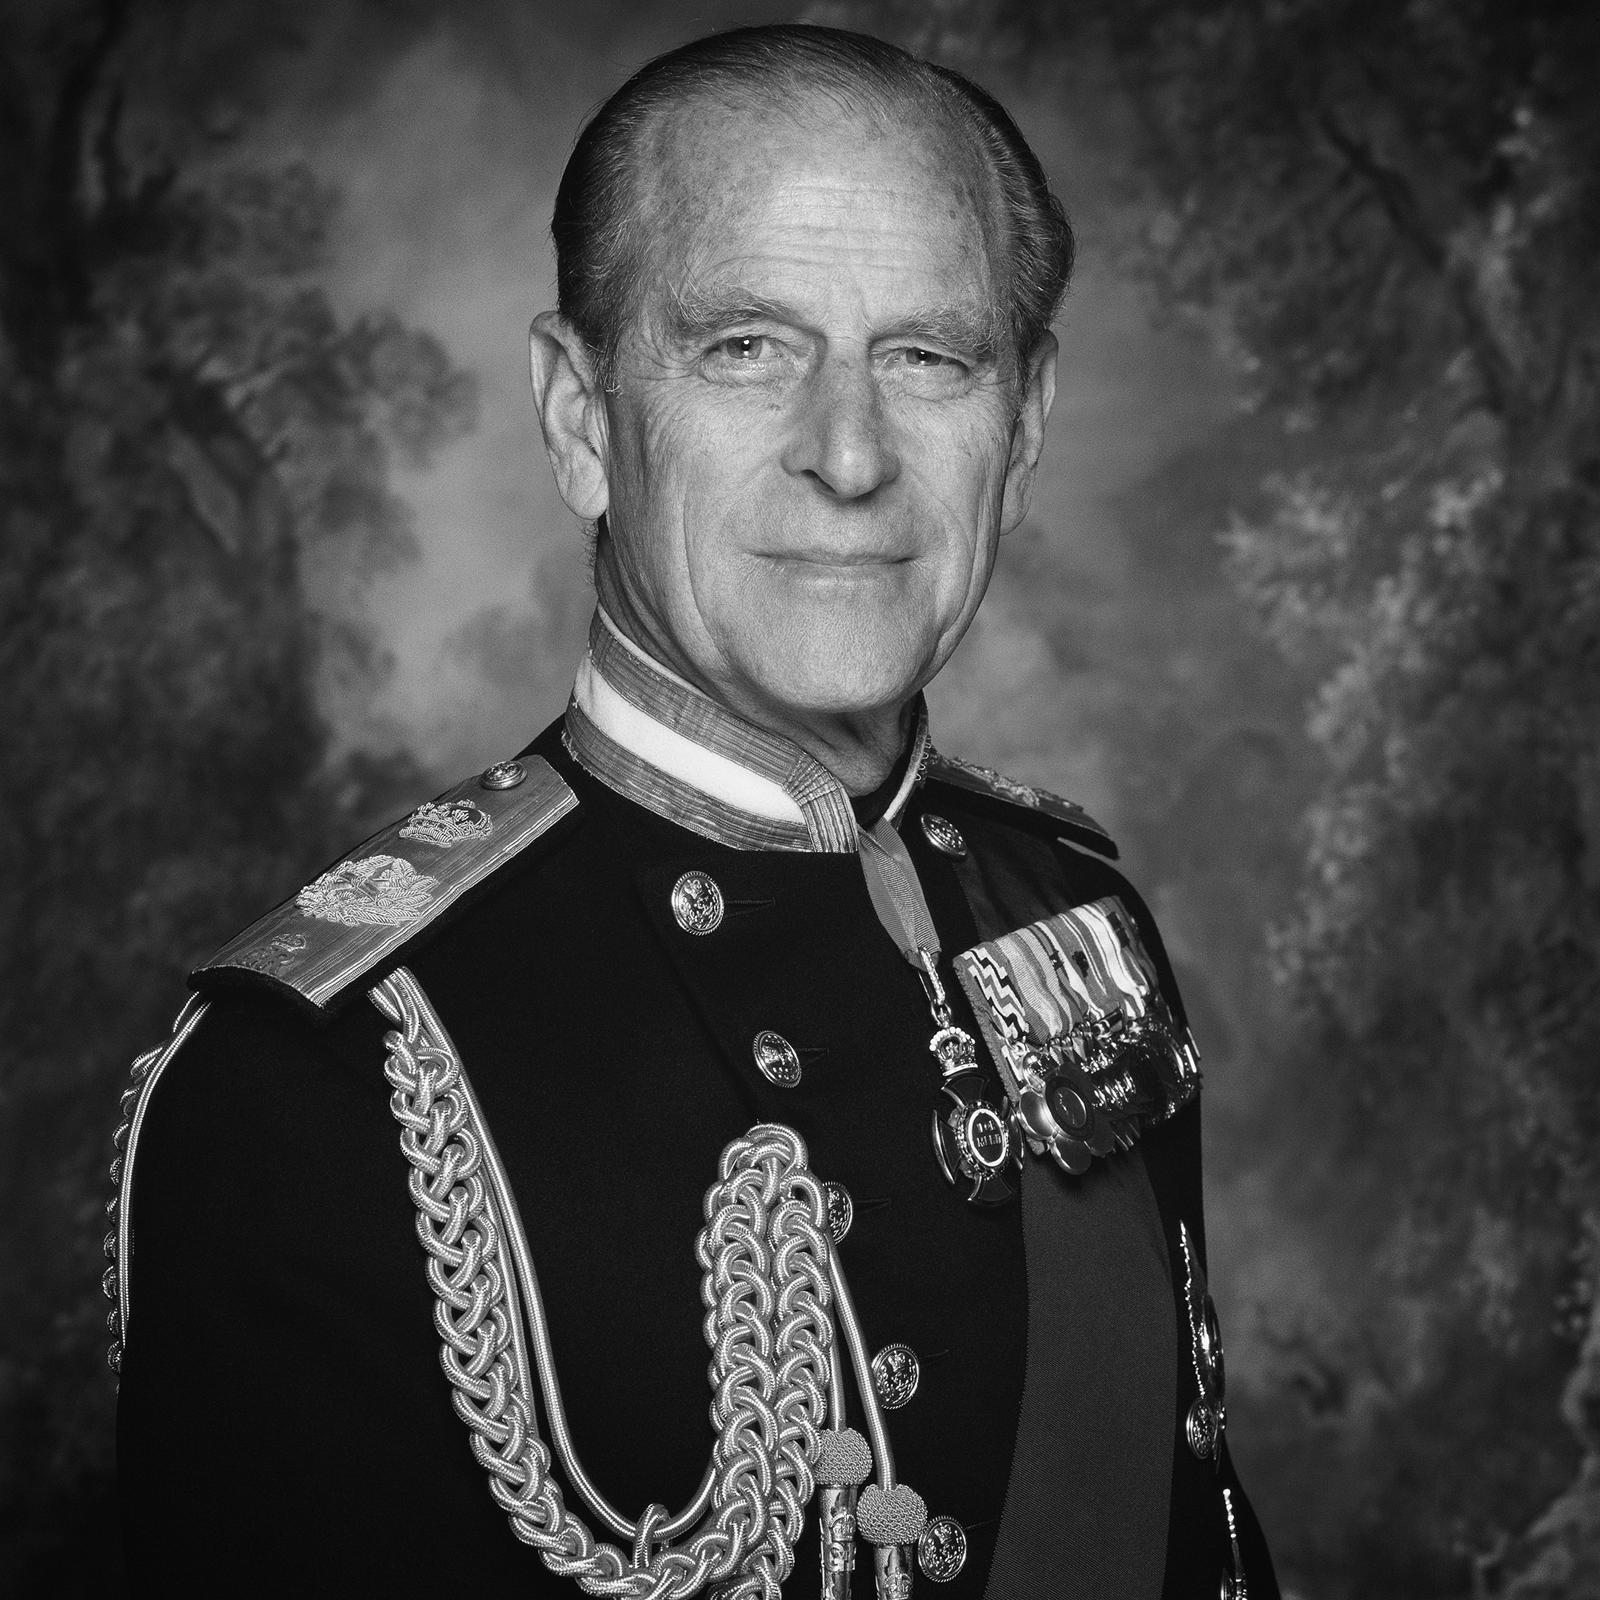 1921-2021 H.R.H. Prince Philip, The Duke of Edinburgh